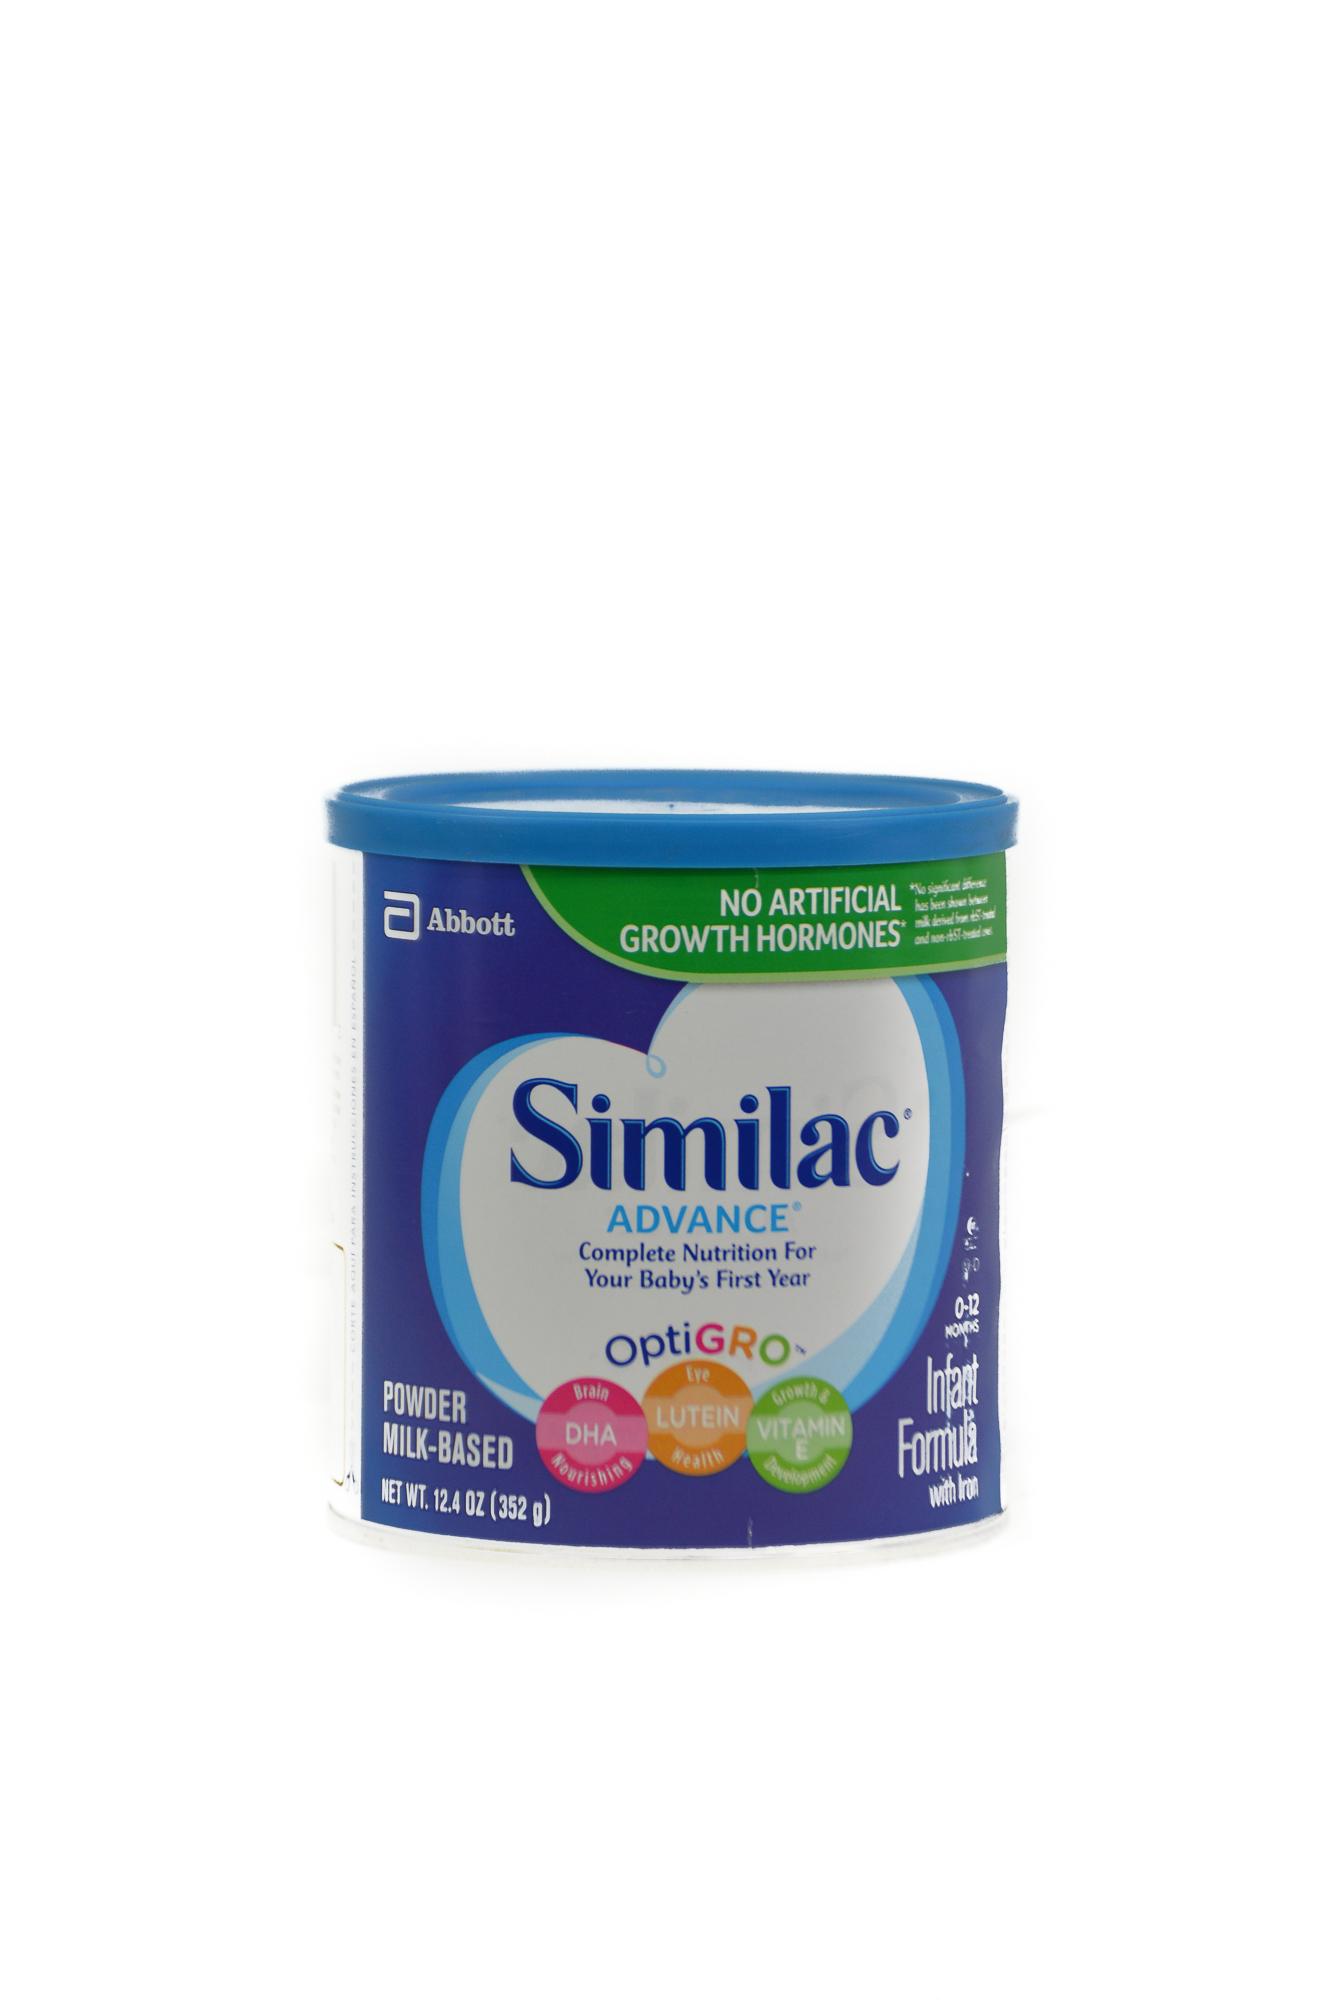 Similac Advance Milk Powder (0 - 12 months )(124 oz)